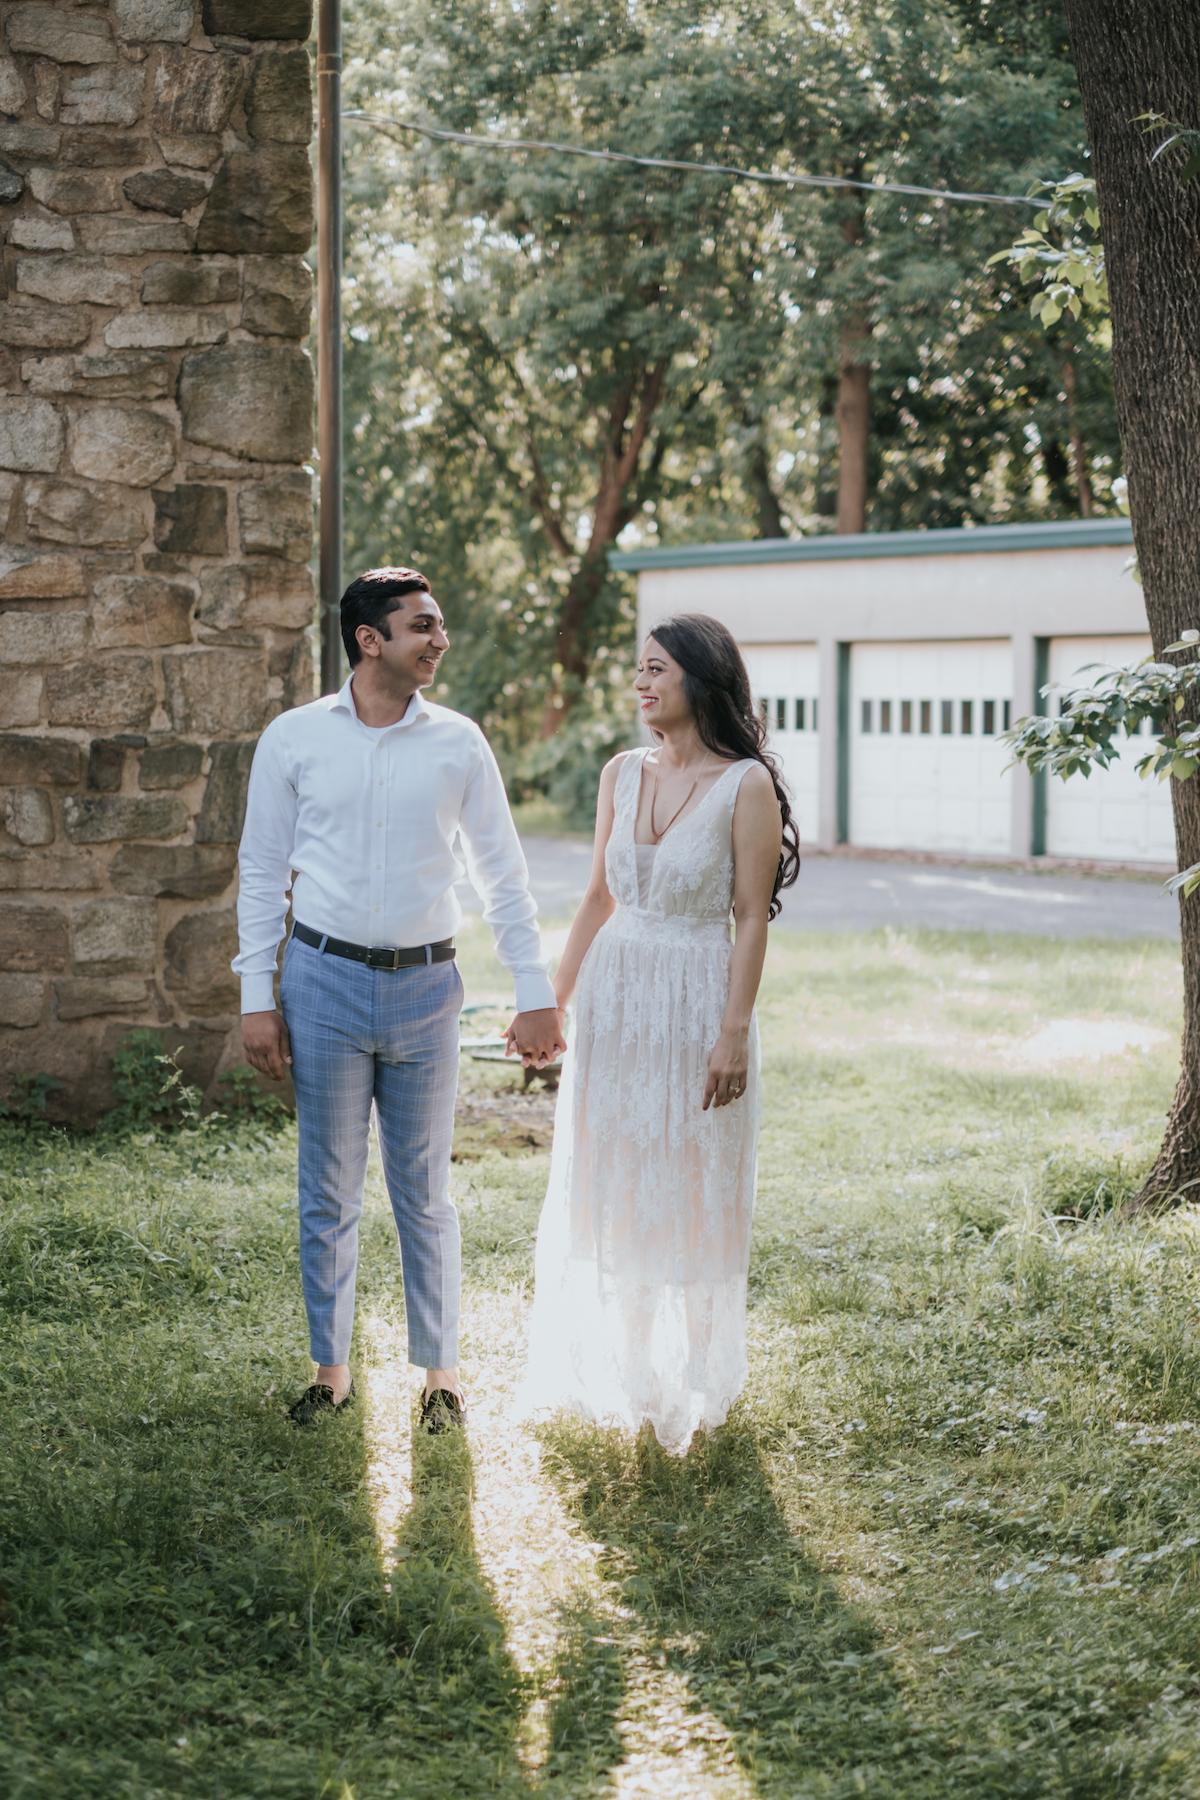 Krishna & Ravi's Engagement Session